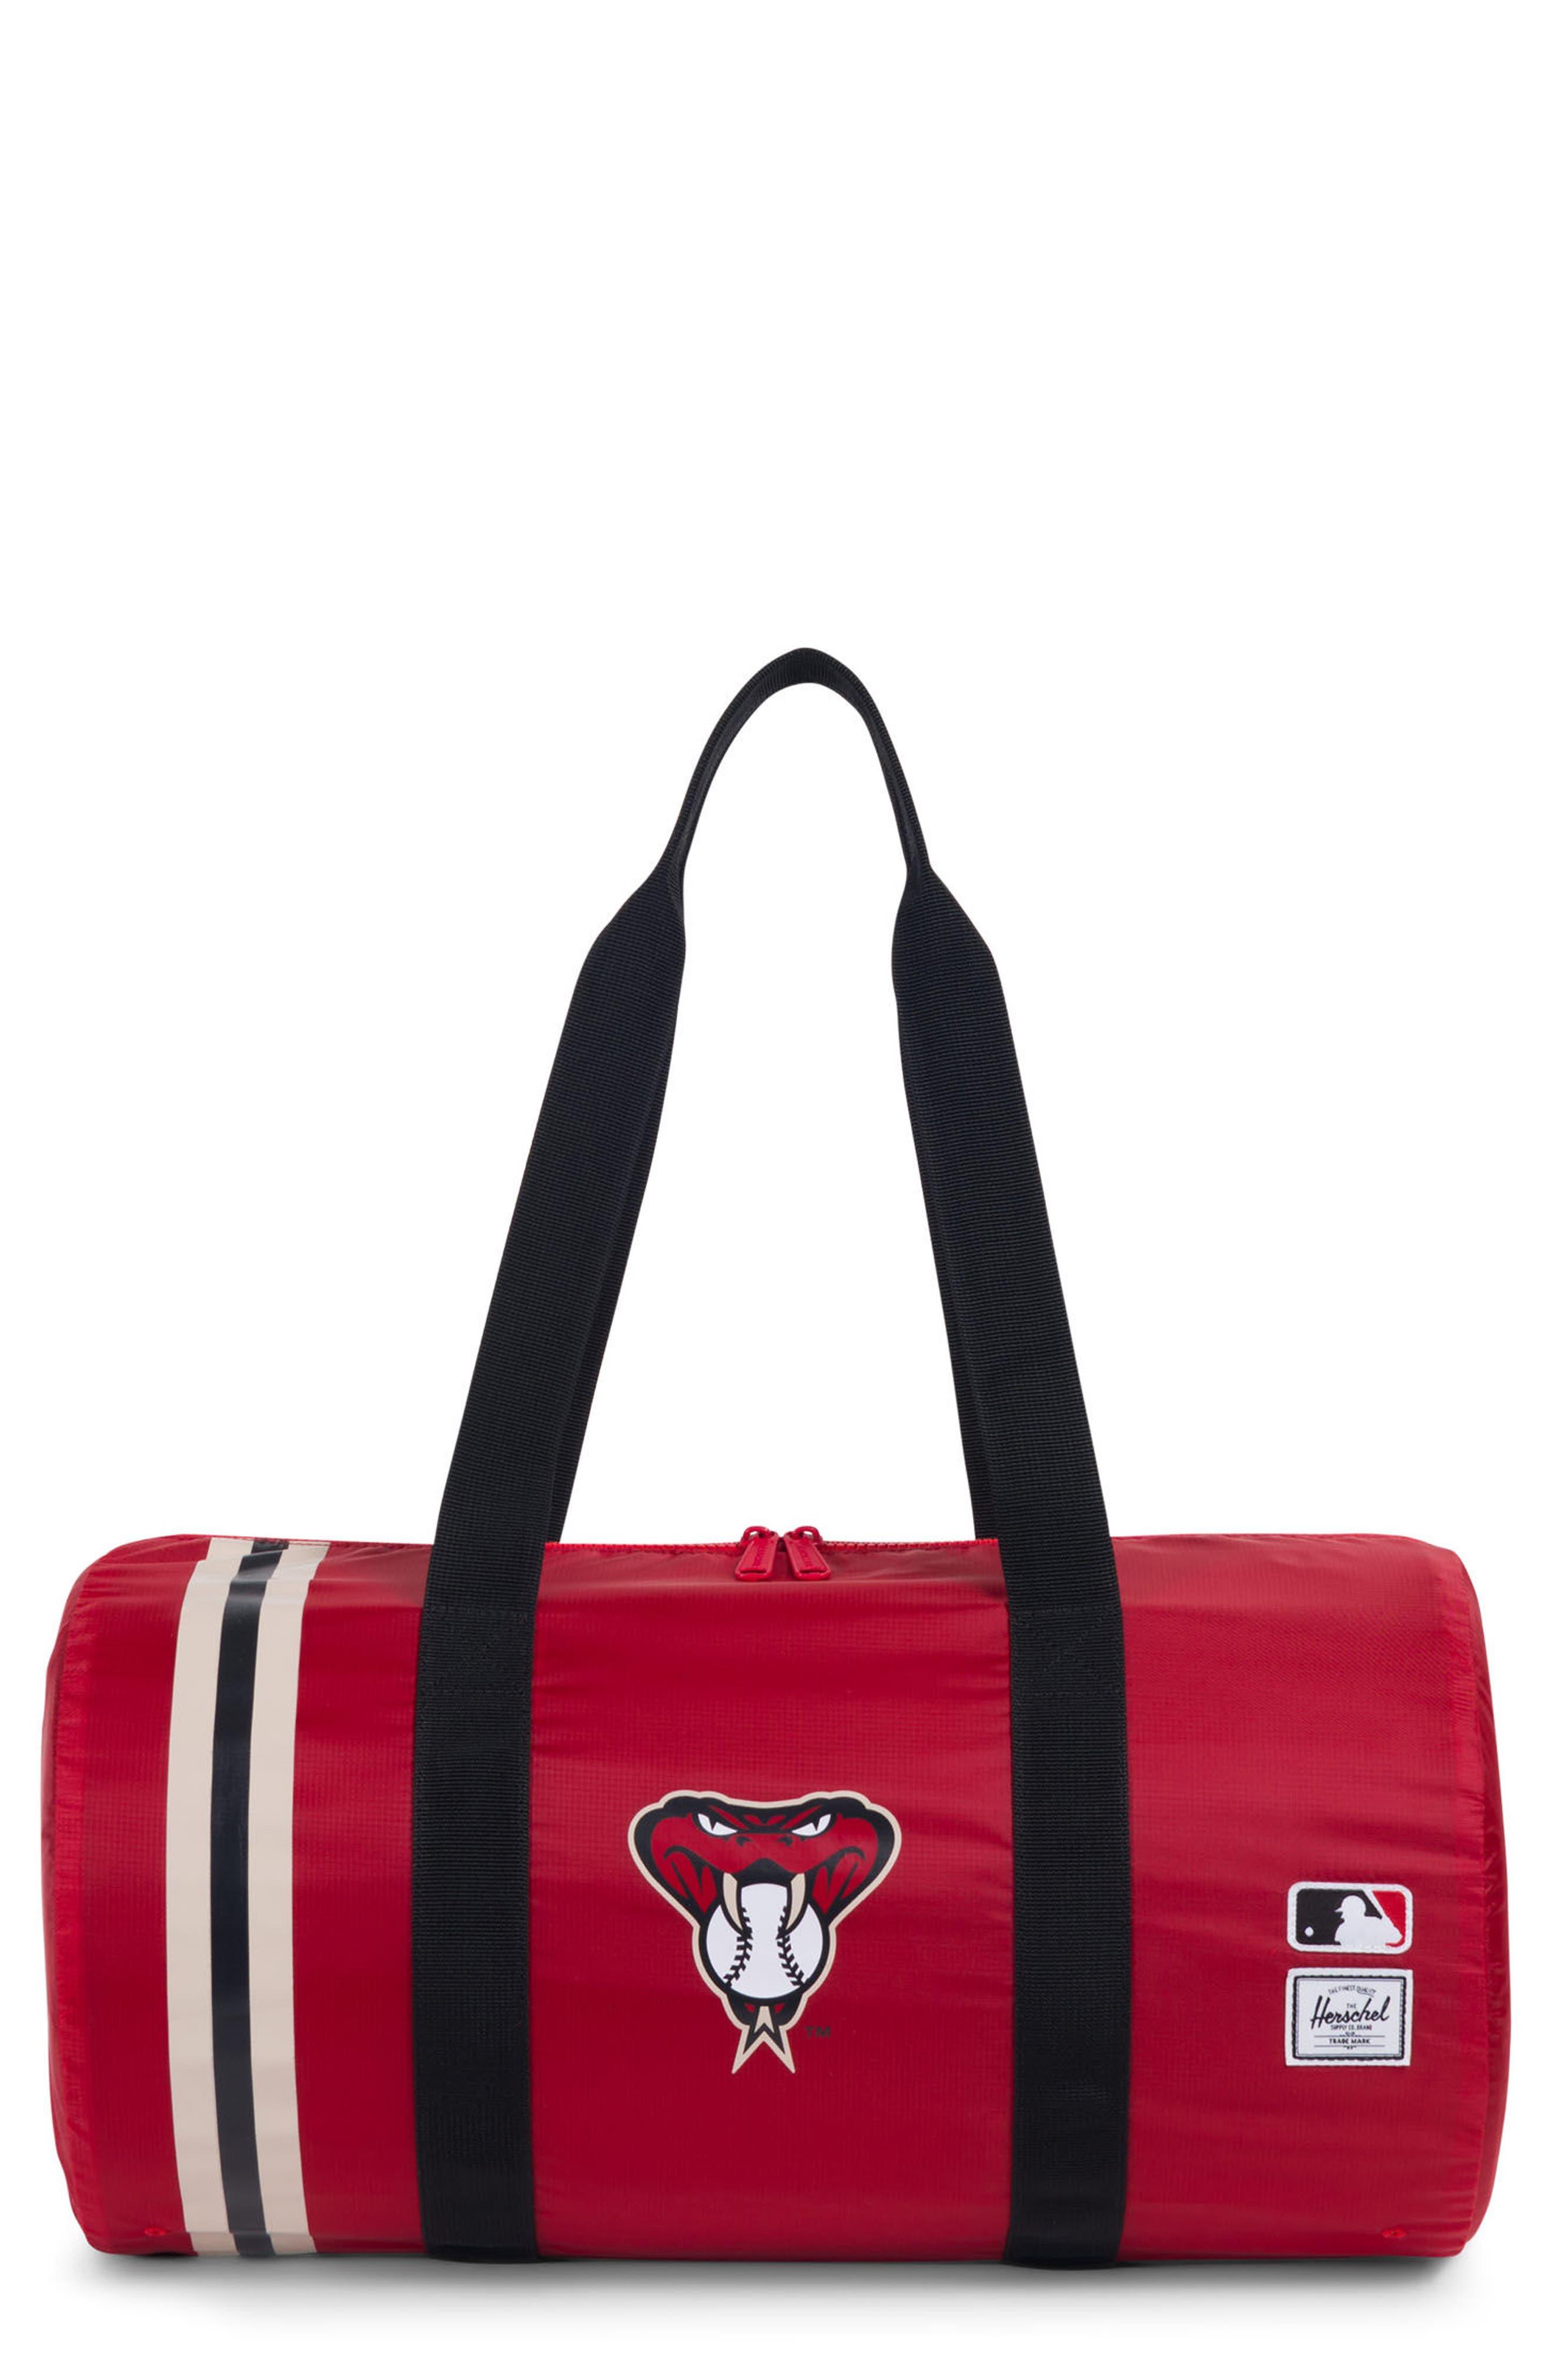 Herschel Supply Co. Packable - MLB National League Duffel Bag